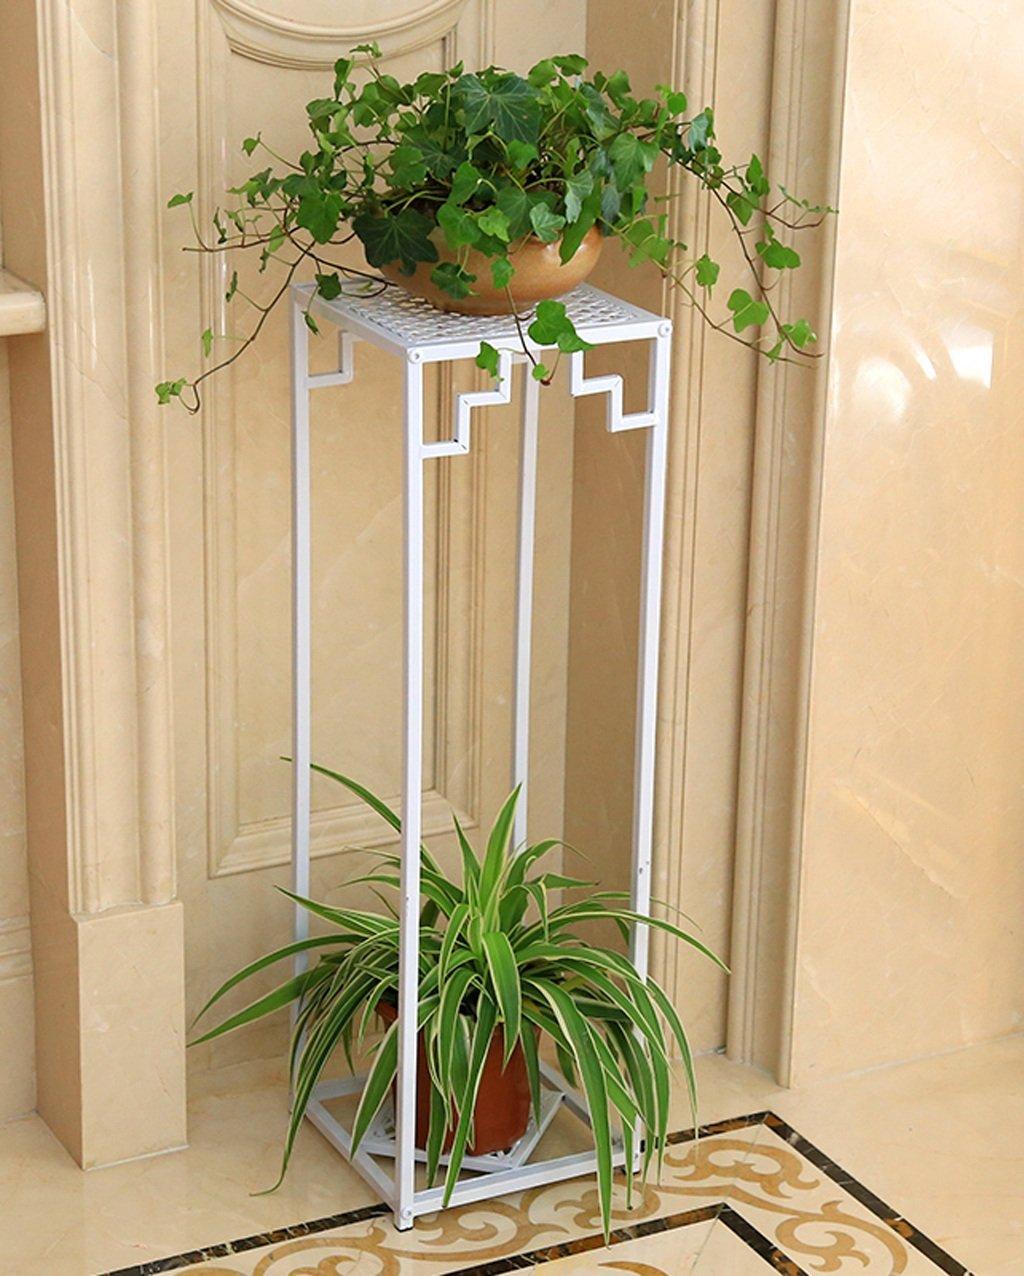 ZENGAI フラワーポット棚、フラワーラック、植物スタンドアイアンフラワーフレームフロアスタイルのマルチレイヤーポット屋内と屋外ハンギング蘭の棚 フラワースタンド (色 : B, サイズ さいず : 99.5*28cm) B07B6VKH4K 99.5*28cm|B B 99.5*28cm